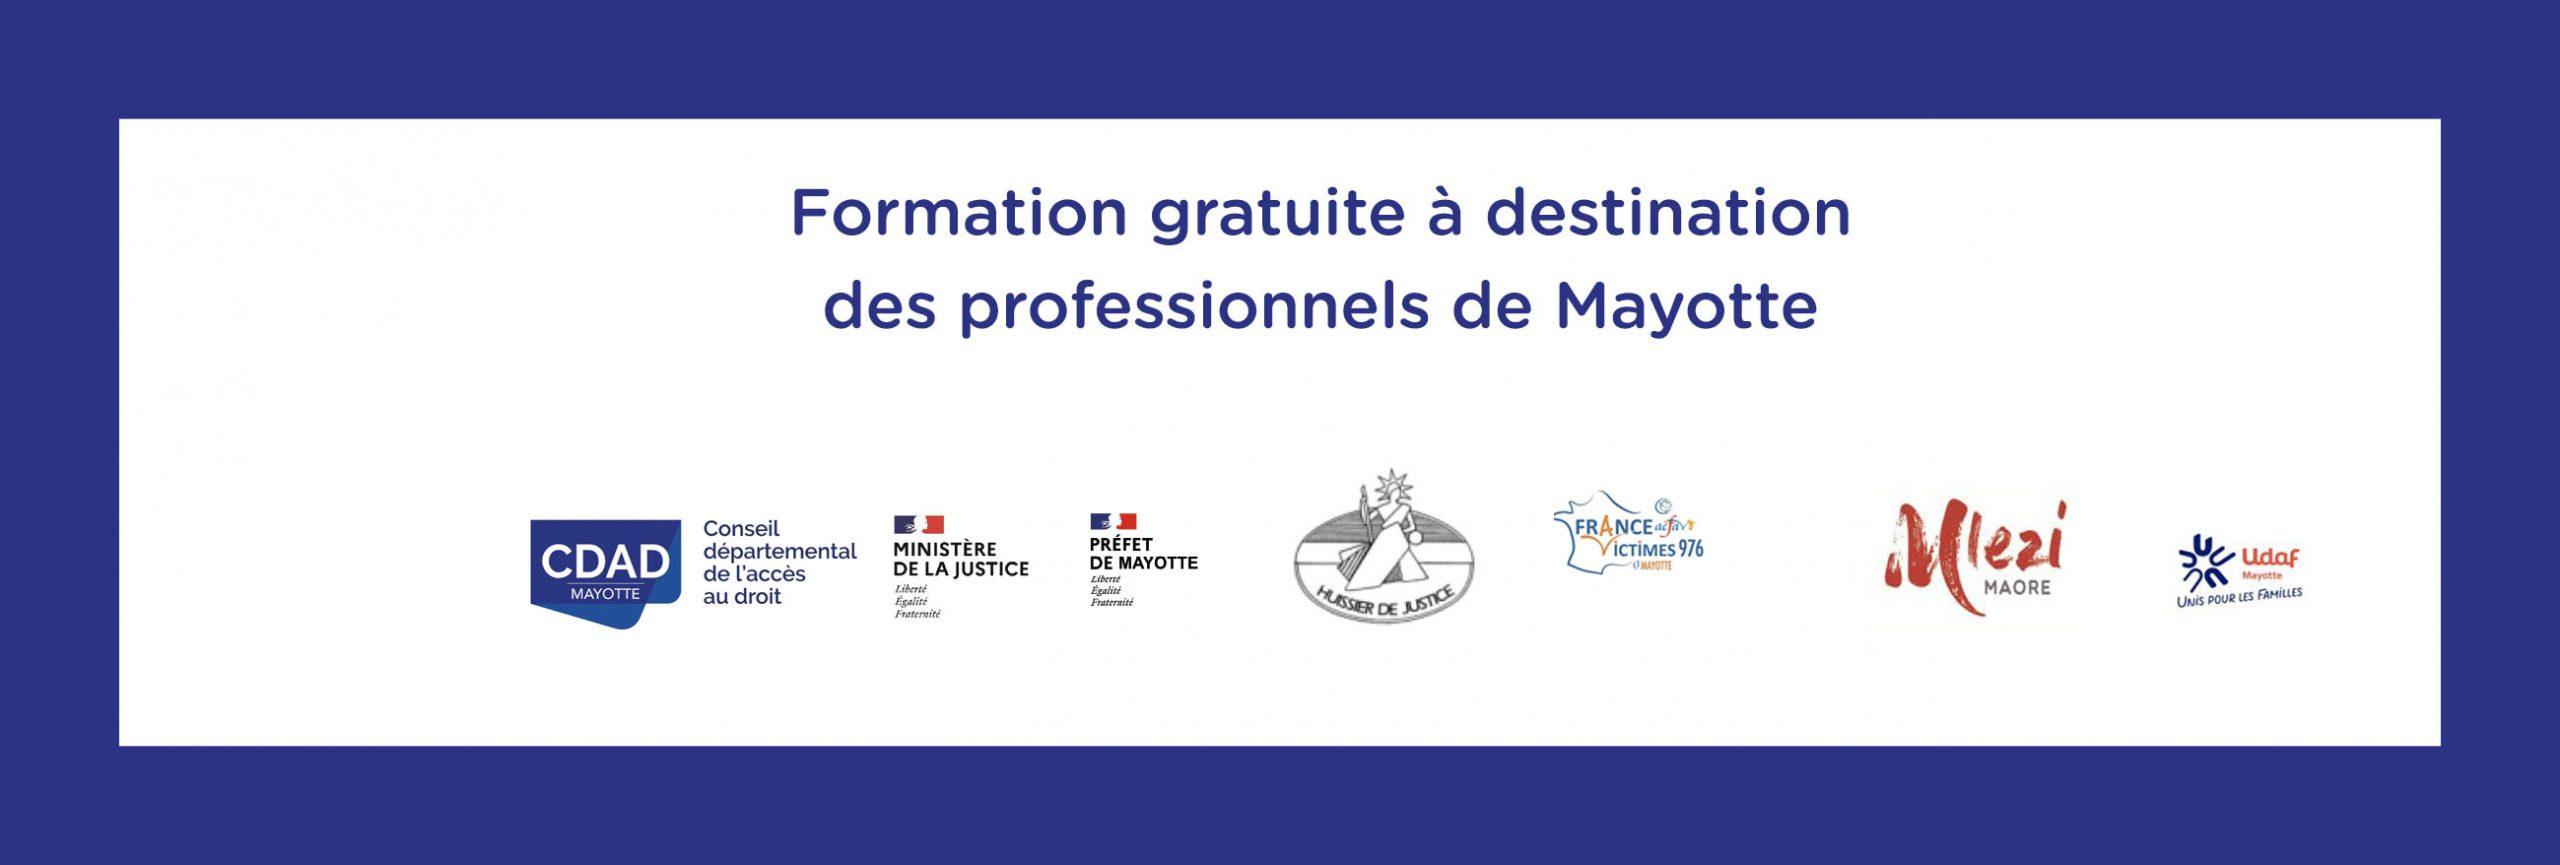 Formation gratuite le 29 septembre 2020 sur la séparation du couple à destination des professionnels de Mayotte